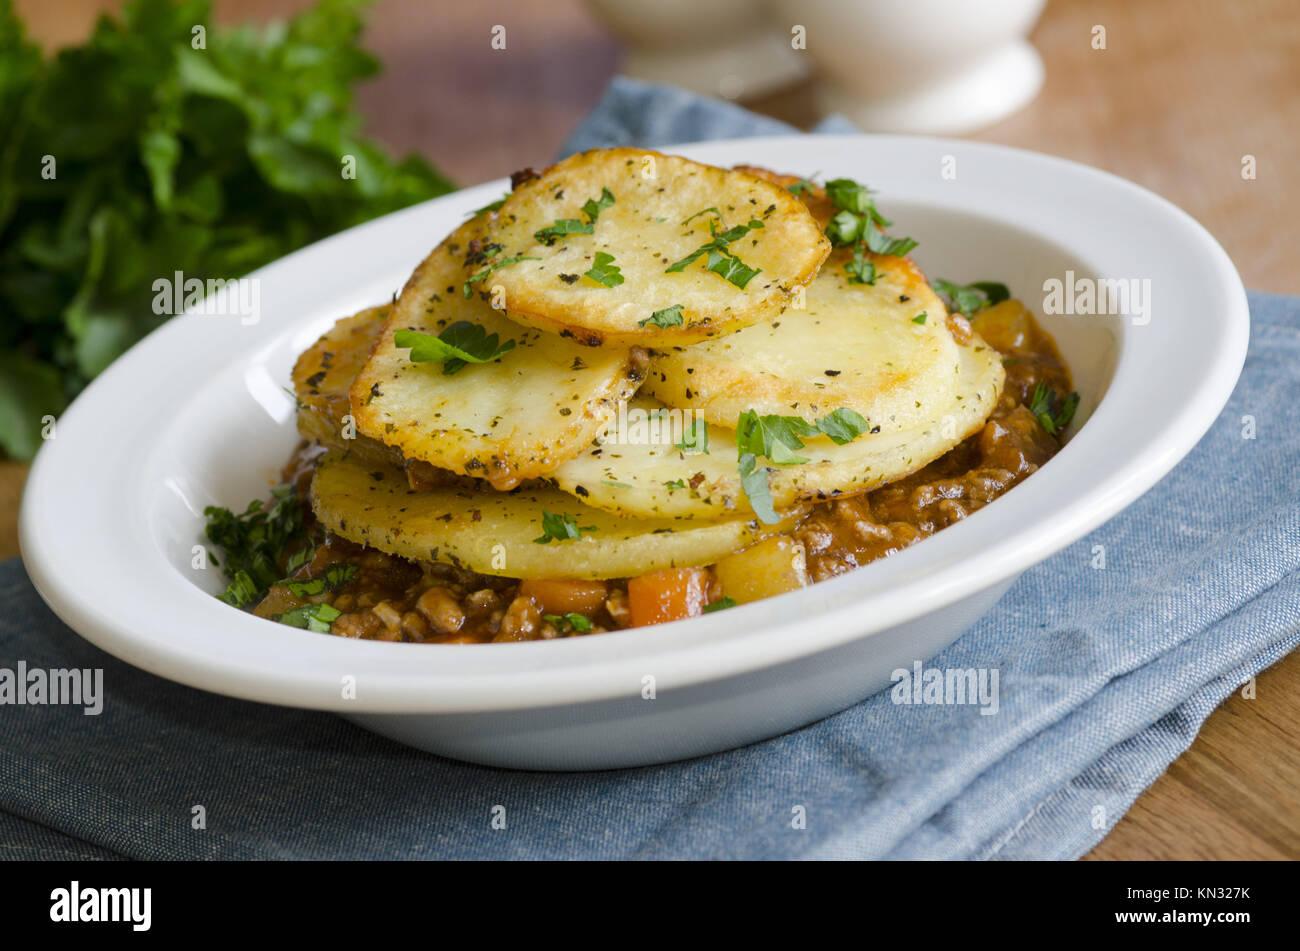 L'agneau haché, les carottes et les petits pois dans une sauce riche, garni de pommes de terre rôties. Photo Stock